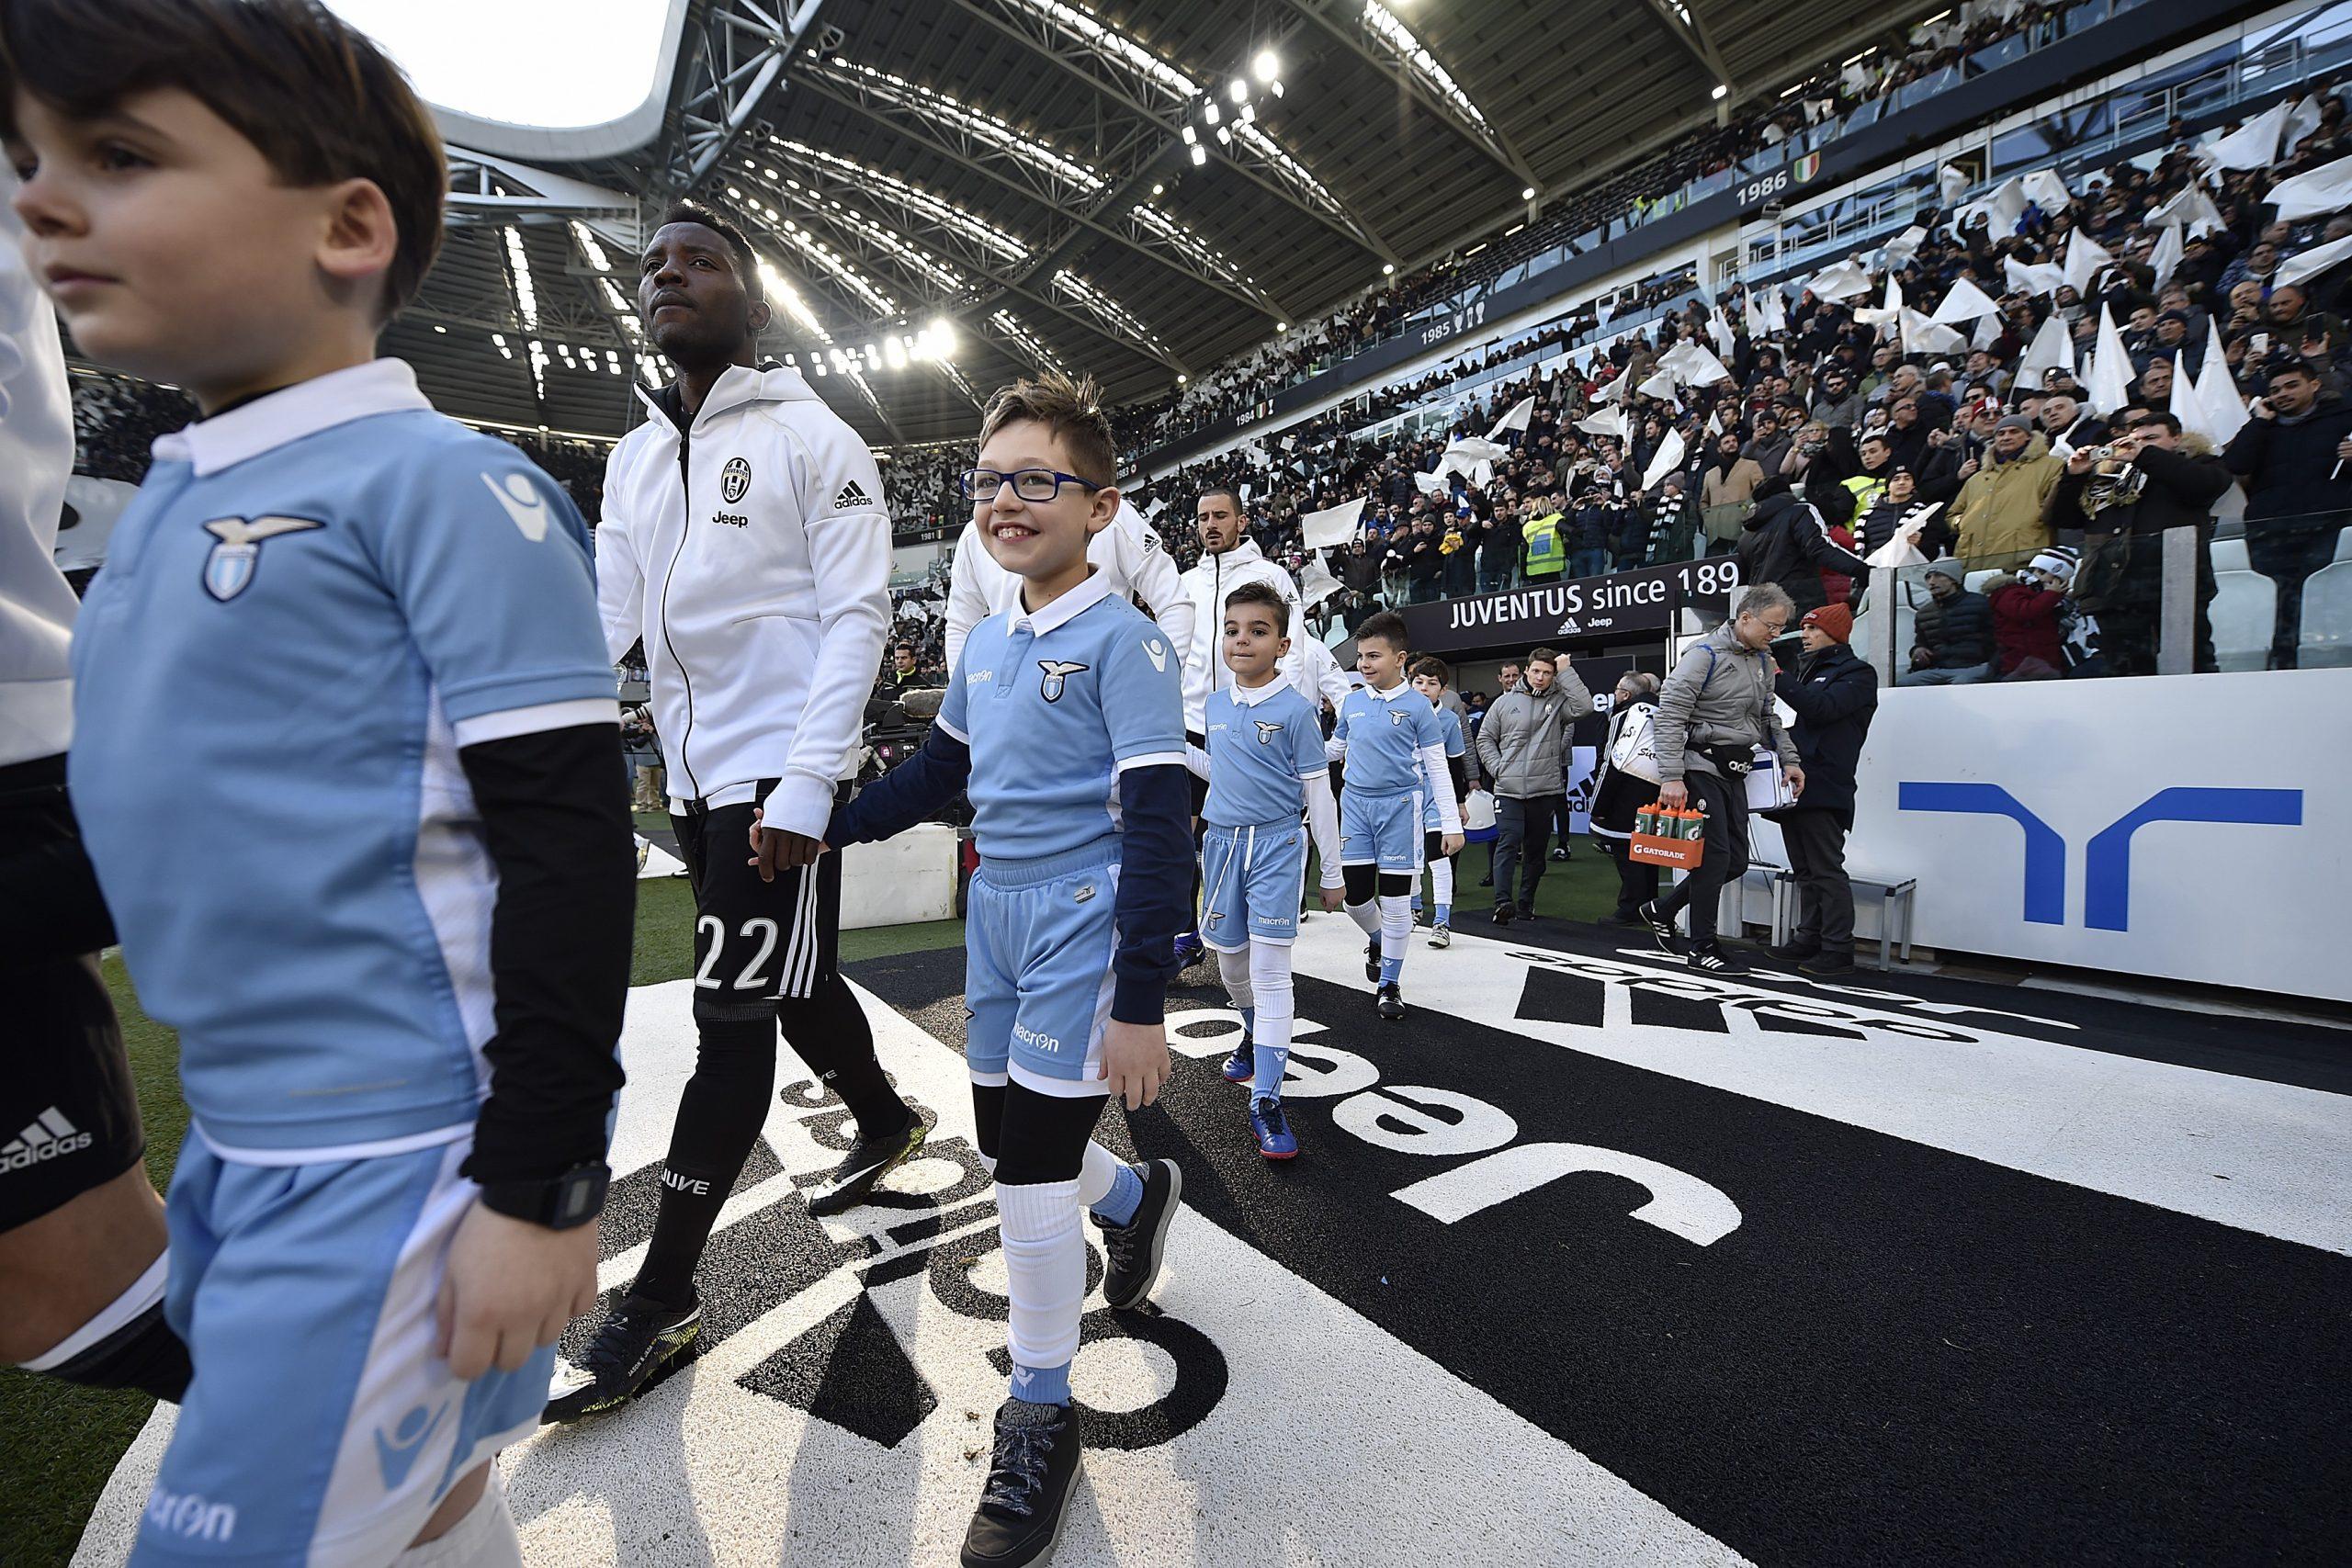 In campo mano nella mano con Asamoah. L'emozione di un piccolo cuore bianconero vince a Torino